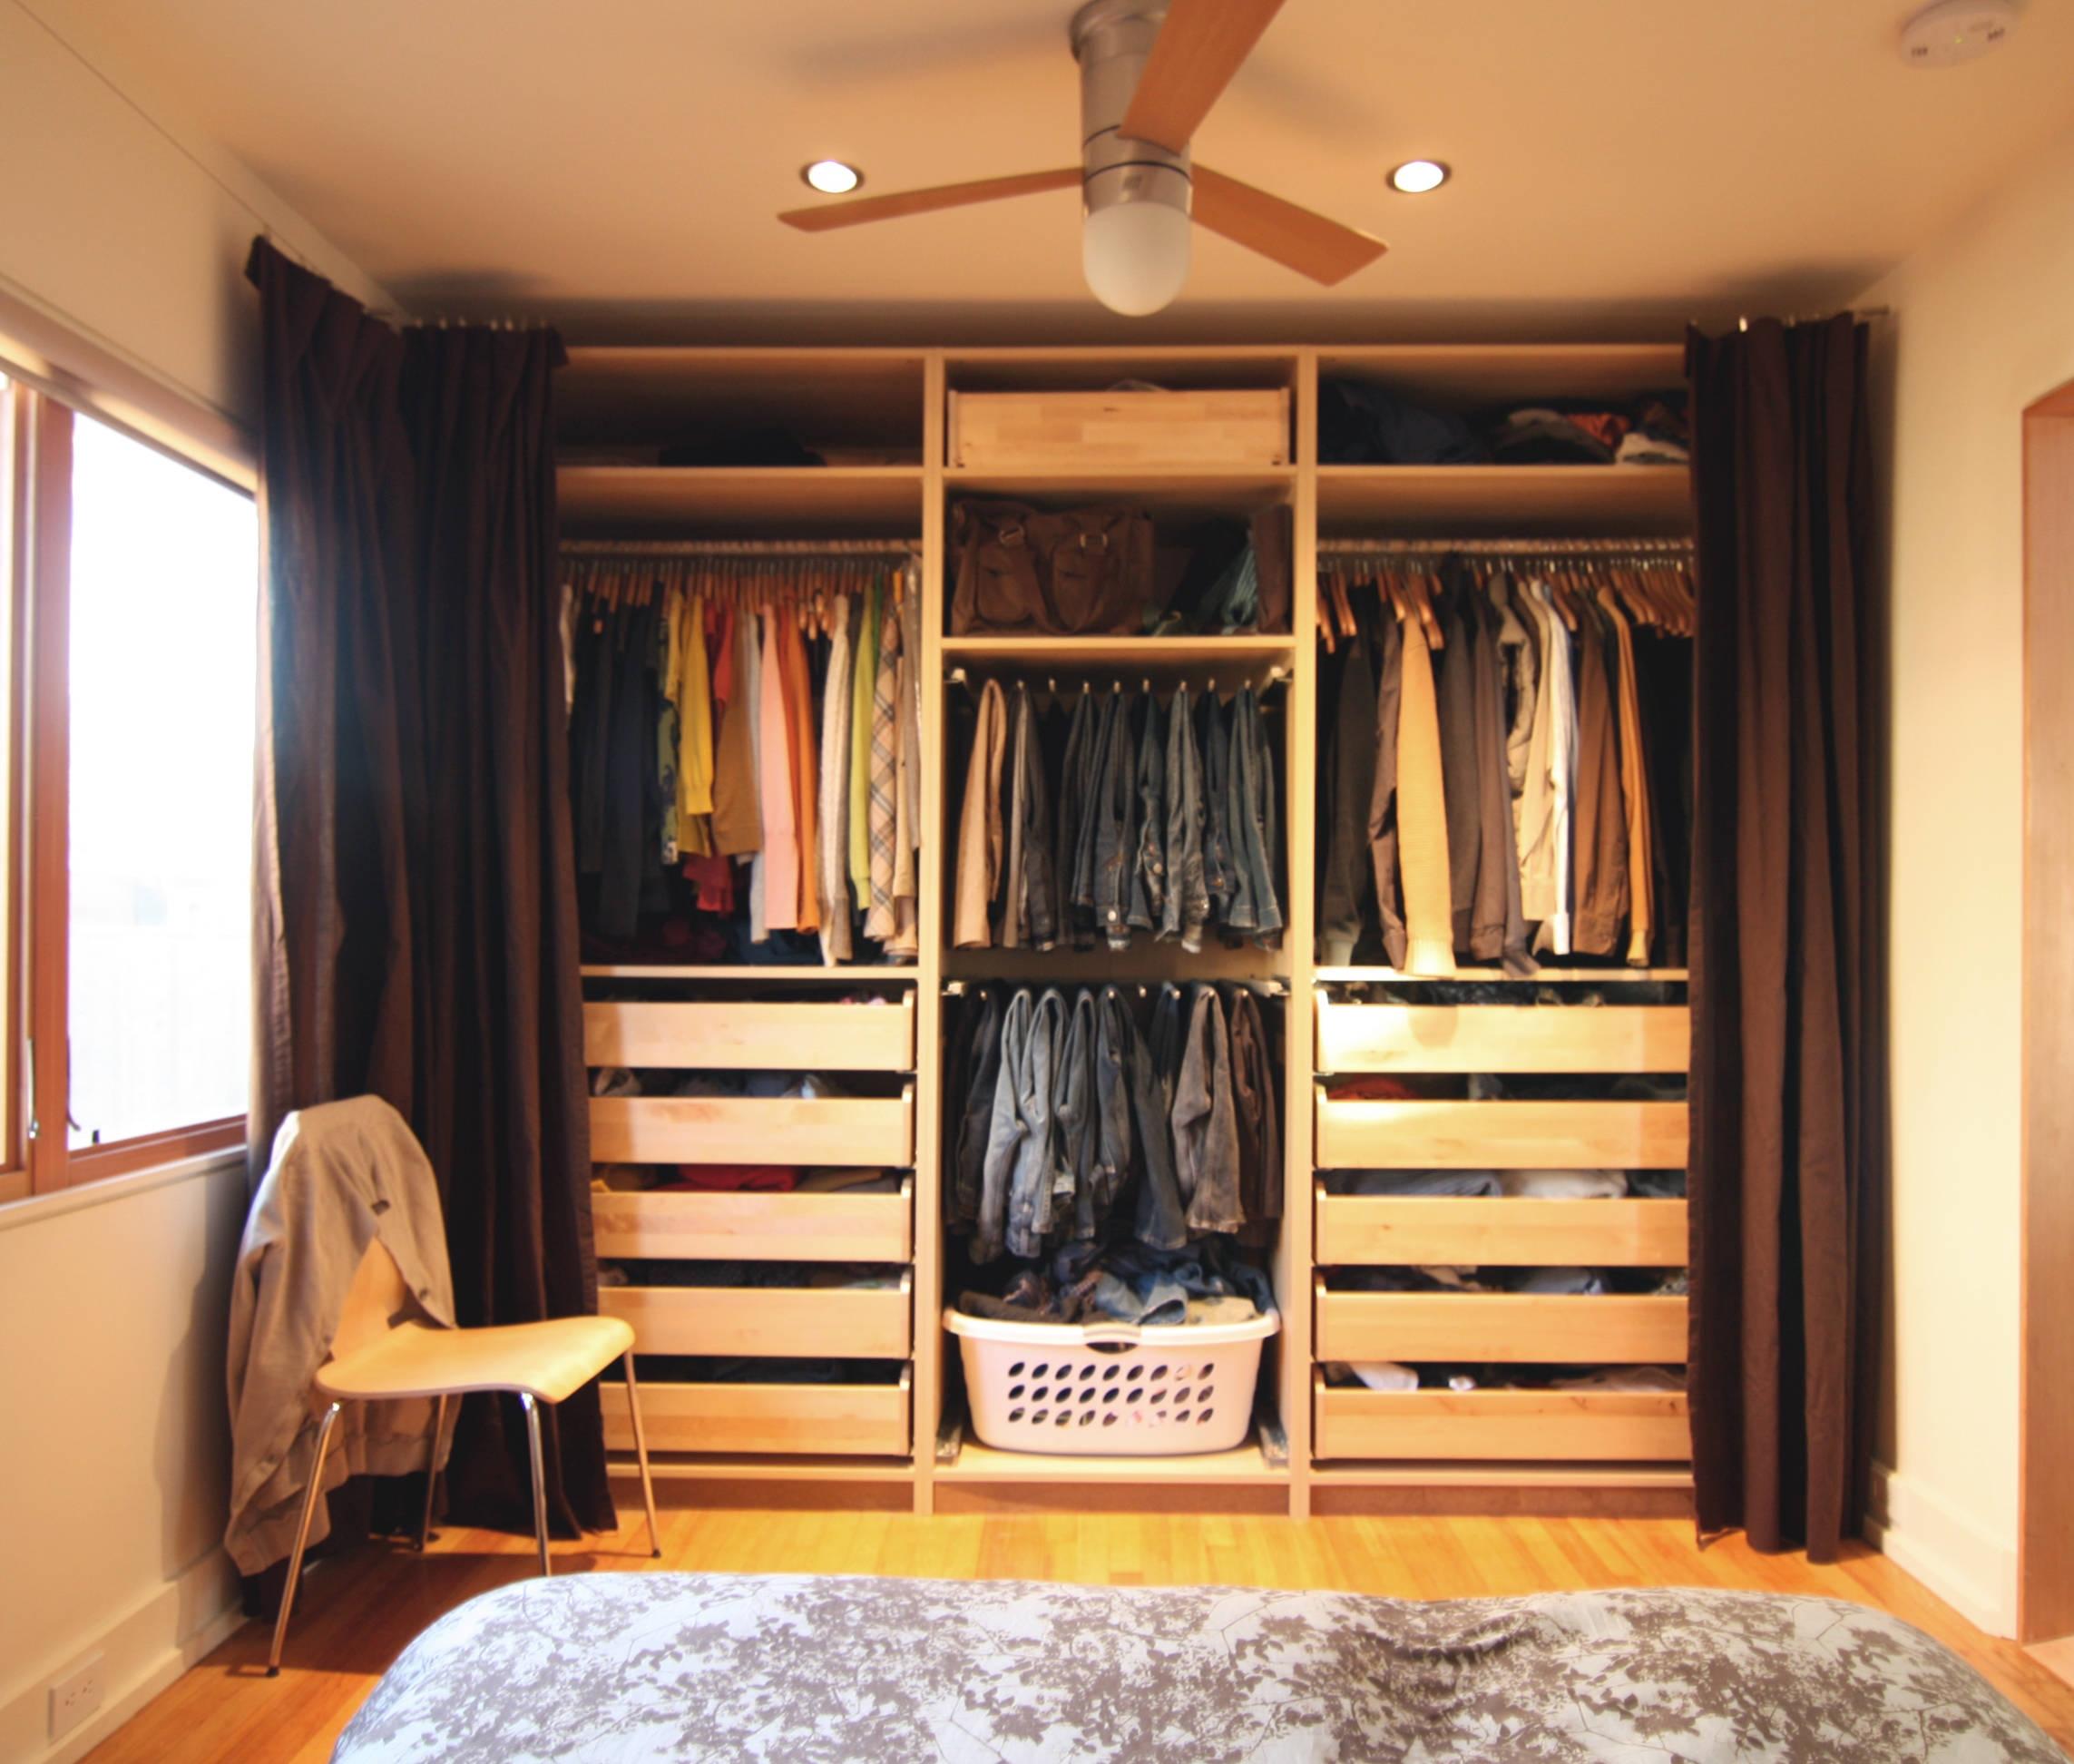 Ejemplos de fotos del uso de armarios sin puertas.